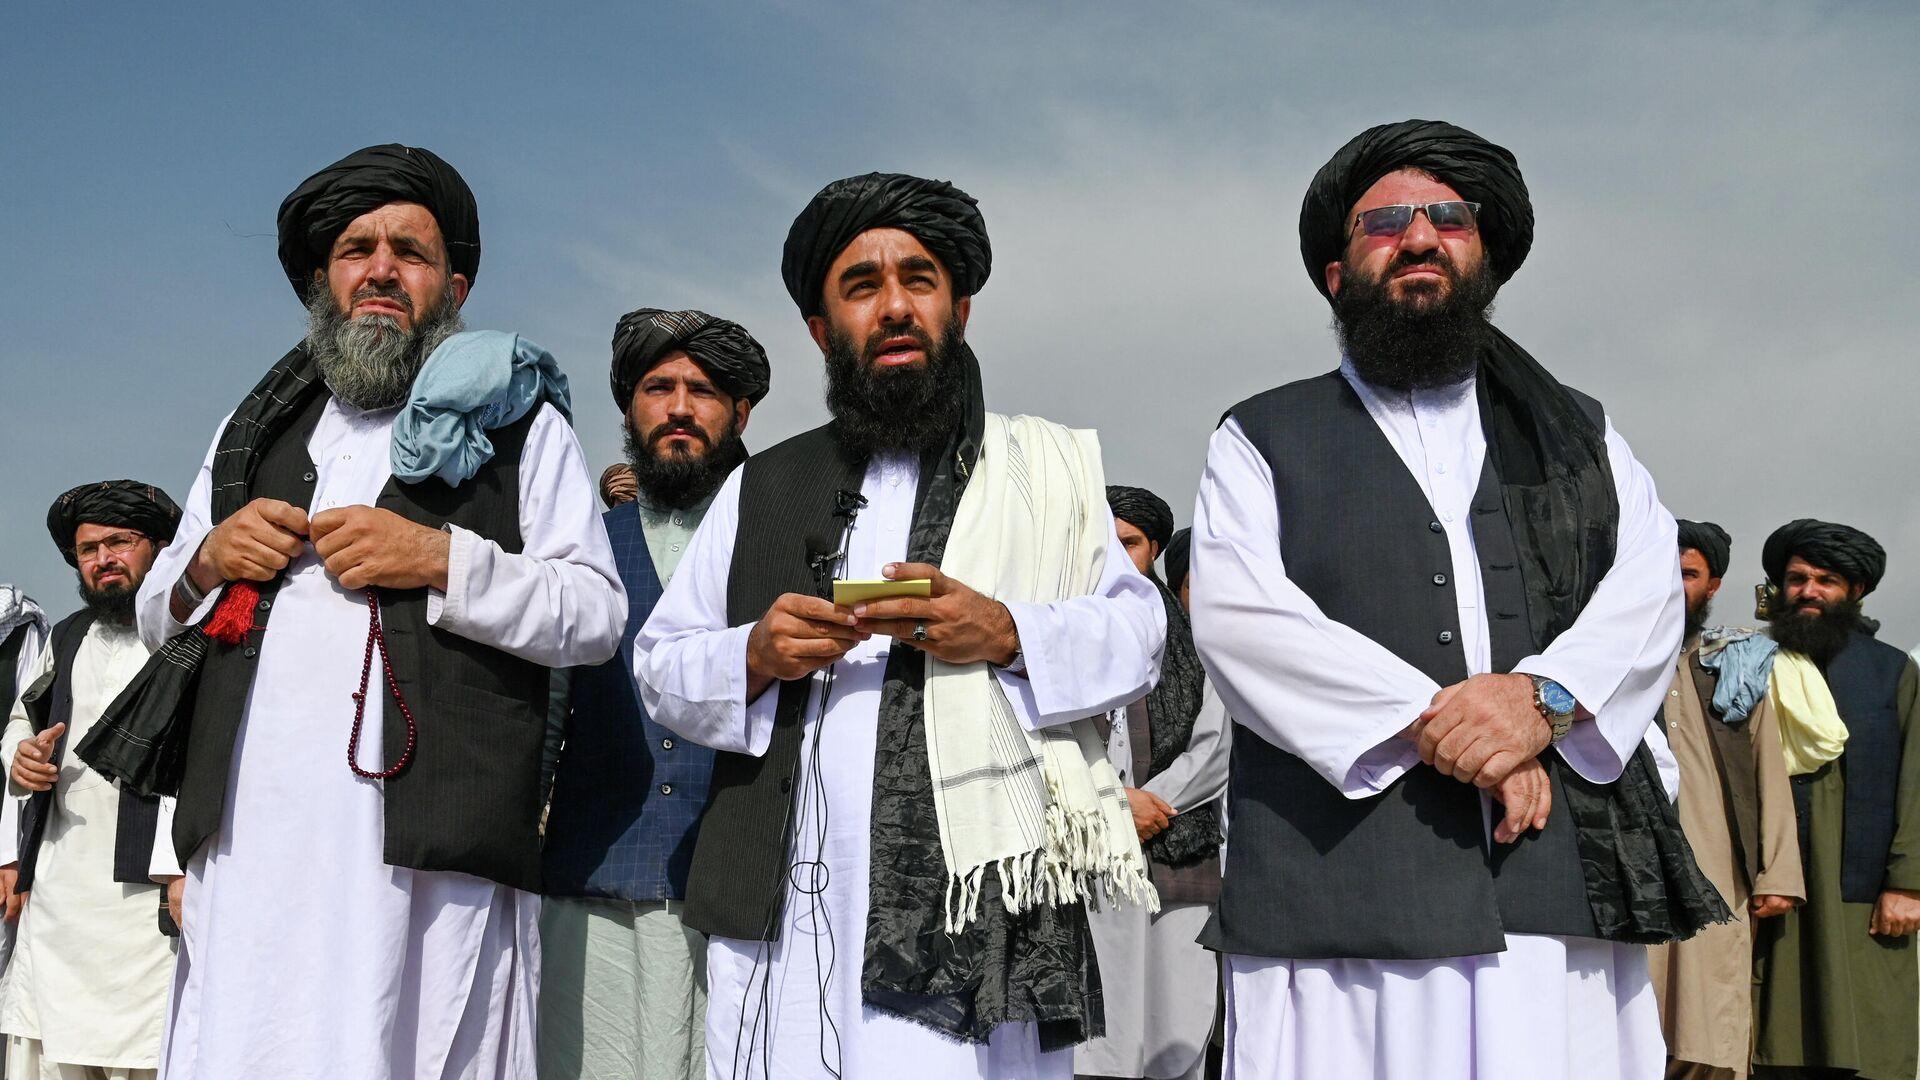 Представитель Талибана Забихулла Муджахид (в центре) обращается к СМИ в аэропорту Кабула - Sputnik Тоҷикистон, 1920, 10.10.2021